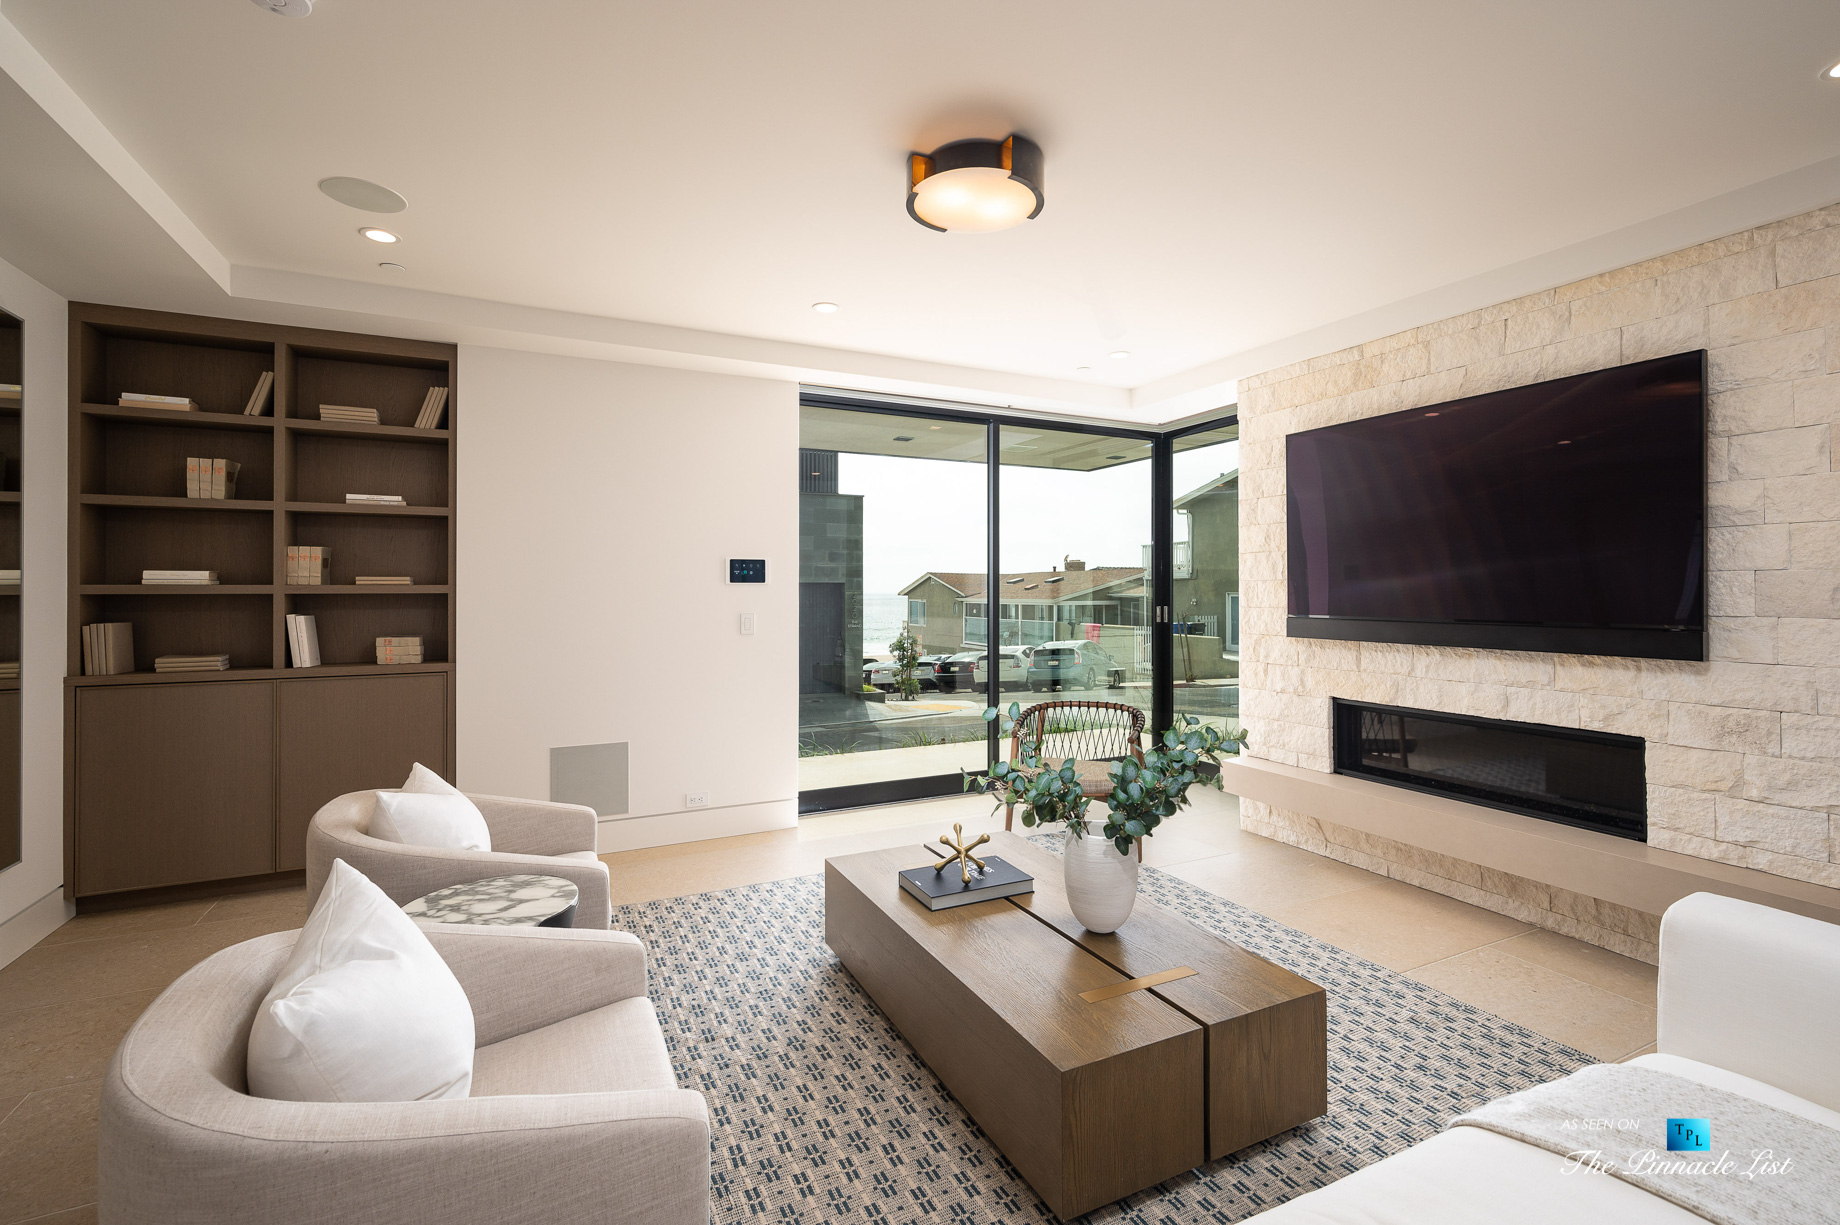 2016 Ocean Dr, Manhattan Beach, CA, USA – Recreation Room – Luxury Real Estate – Modern Ocean View Home